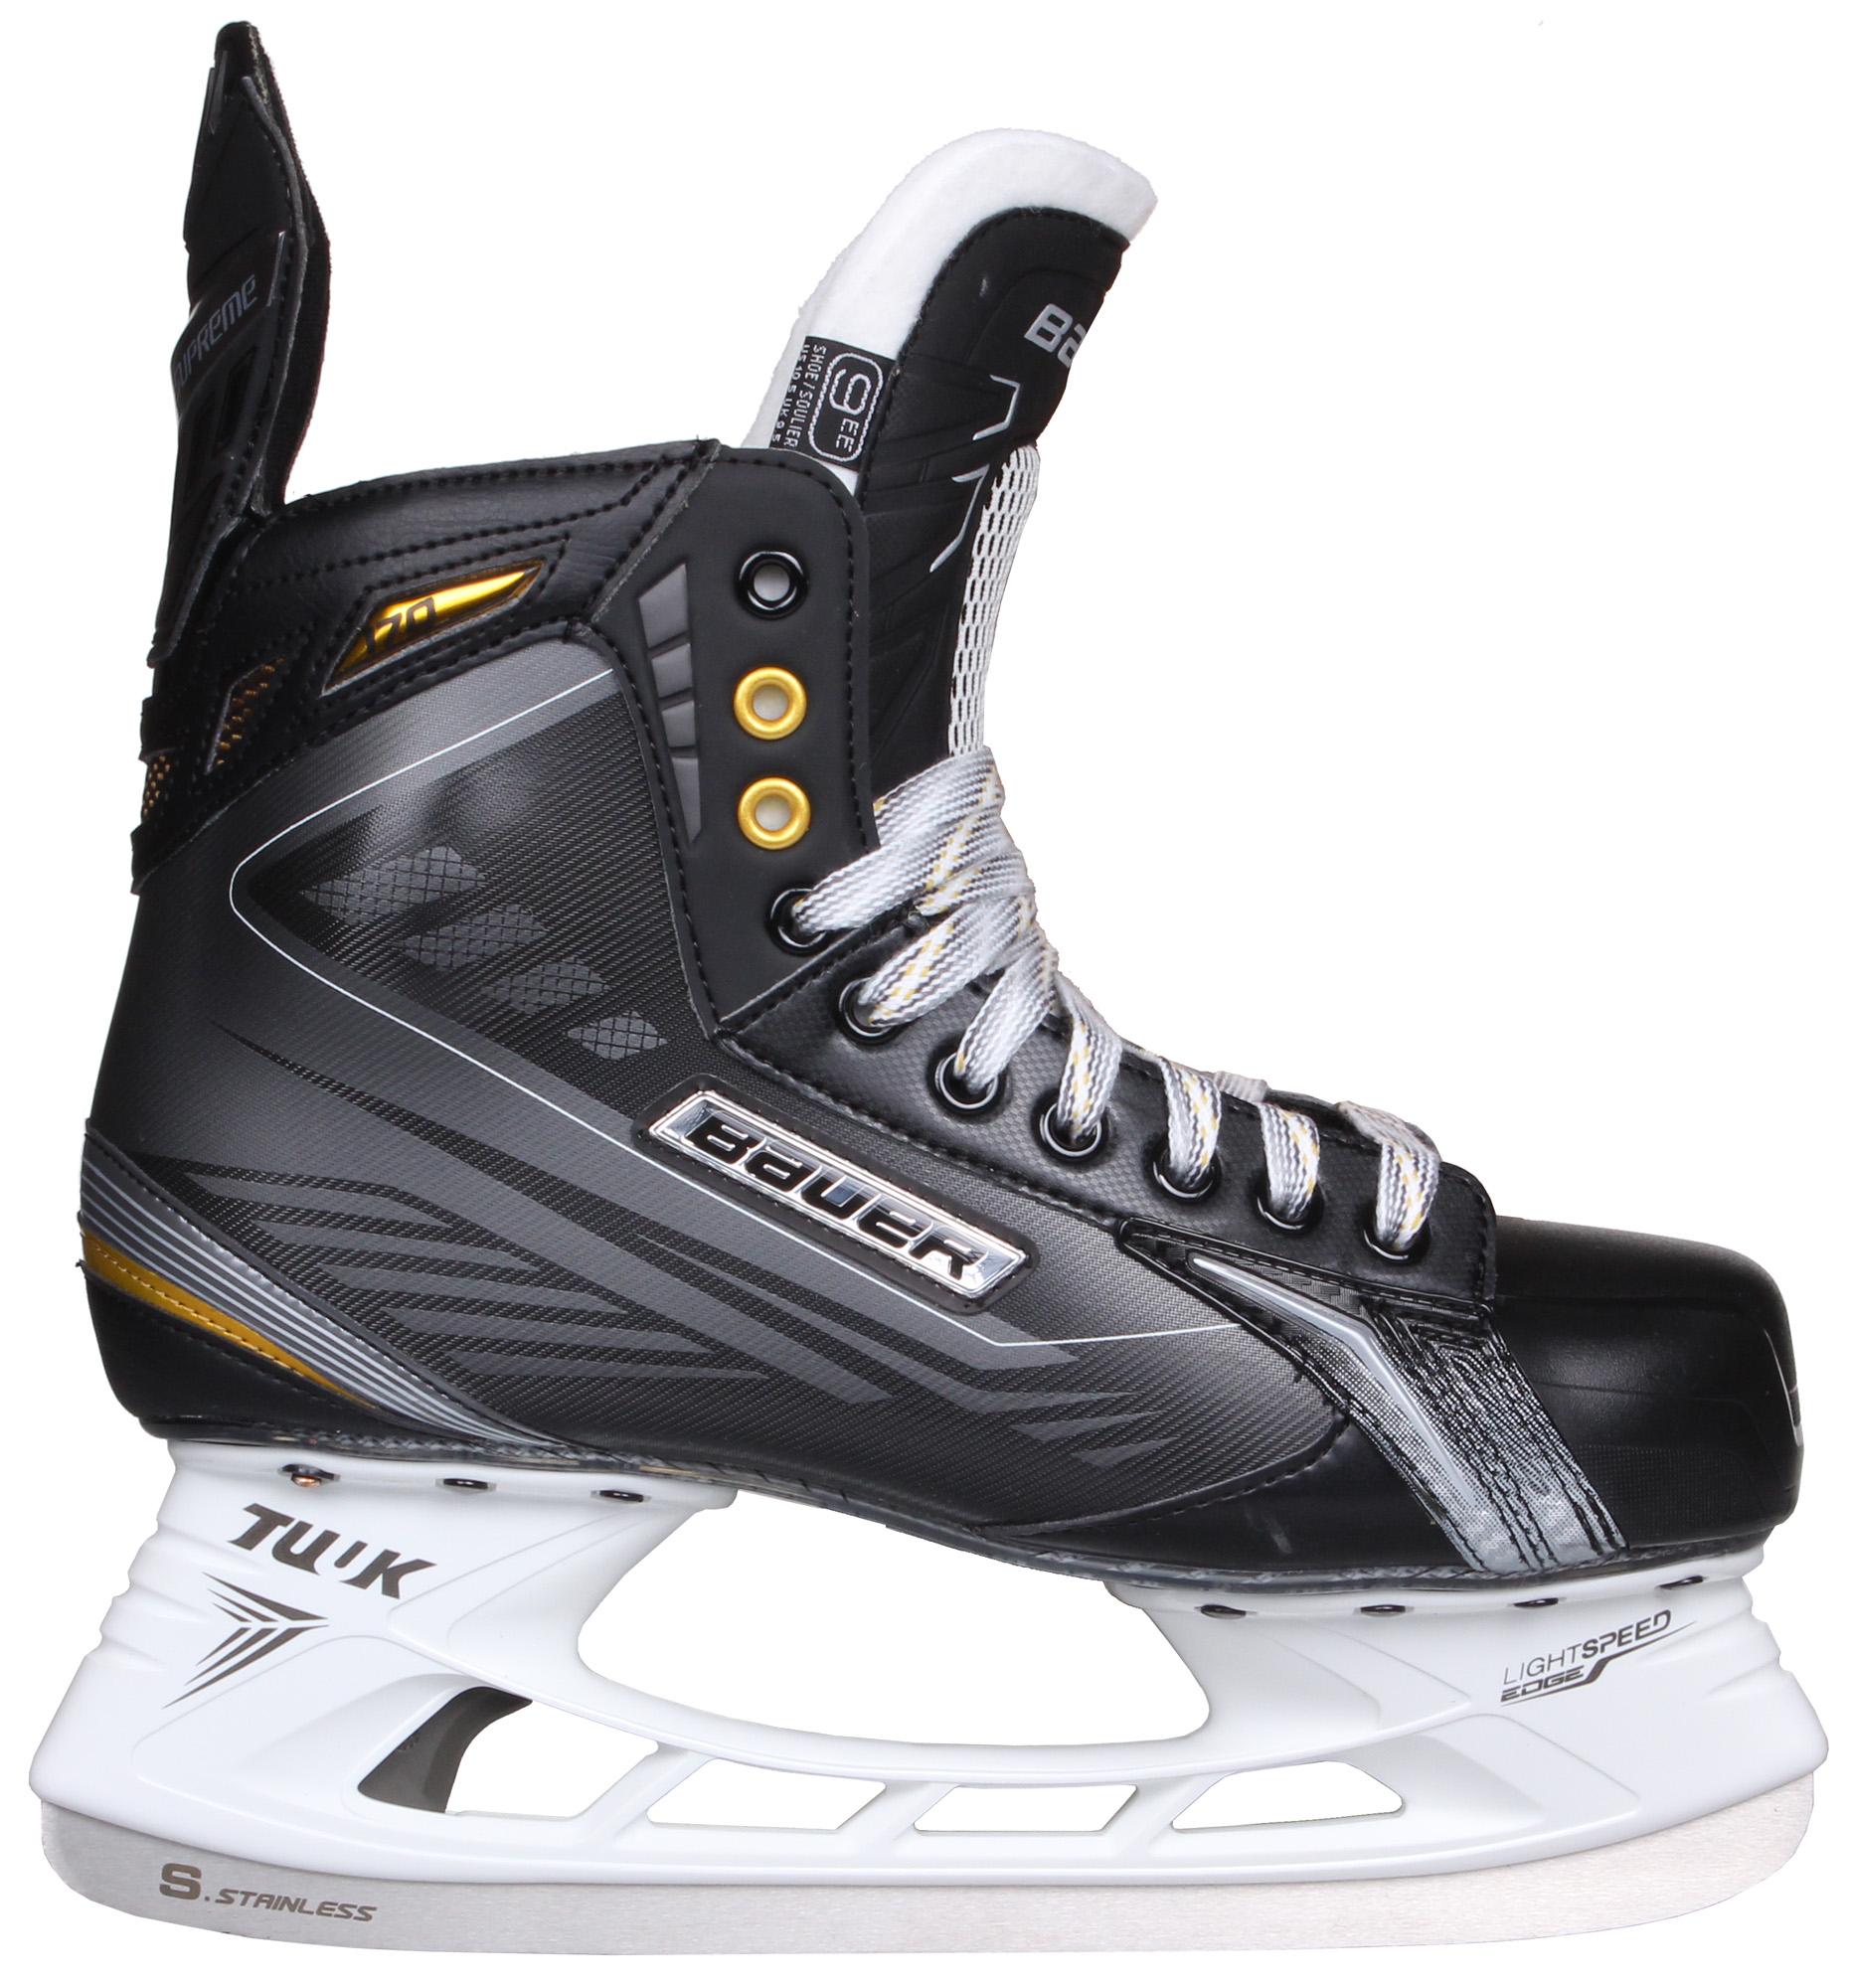 BAUER Supreme 170 EE SR hokejové brusle